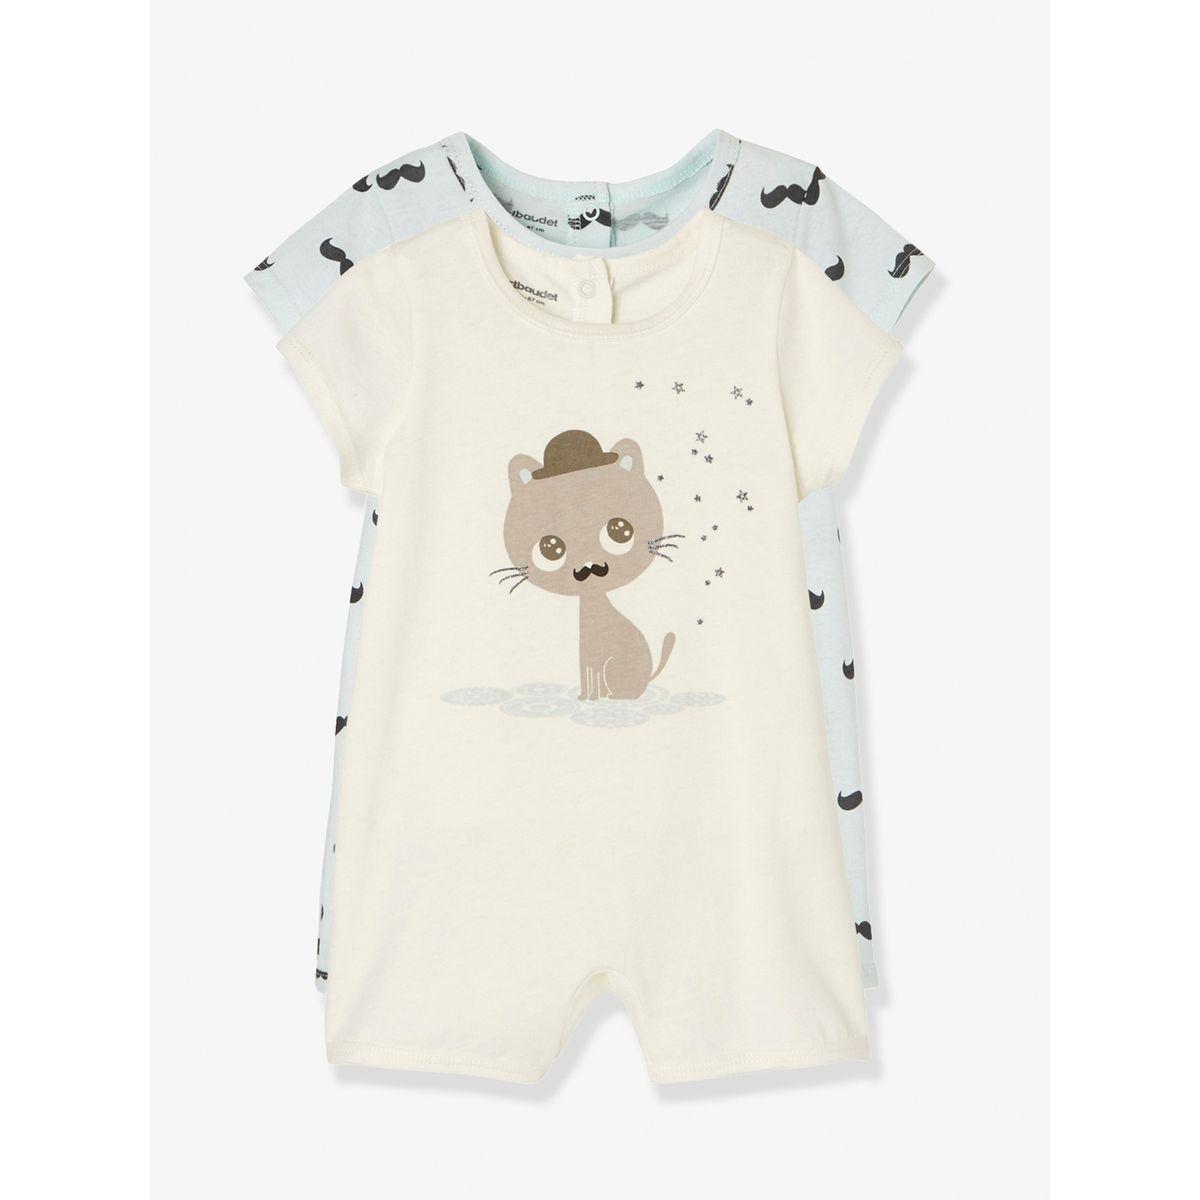 7c966fd5e722c Lot de 2 pyjashorts bébé en coton. VERTBAUDET. Pyjashorts bleus ...